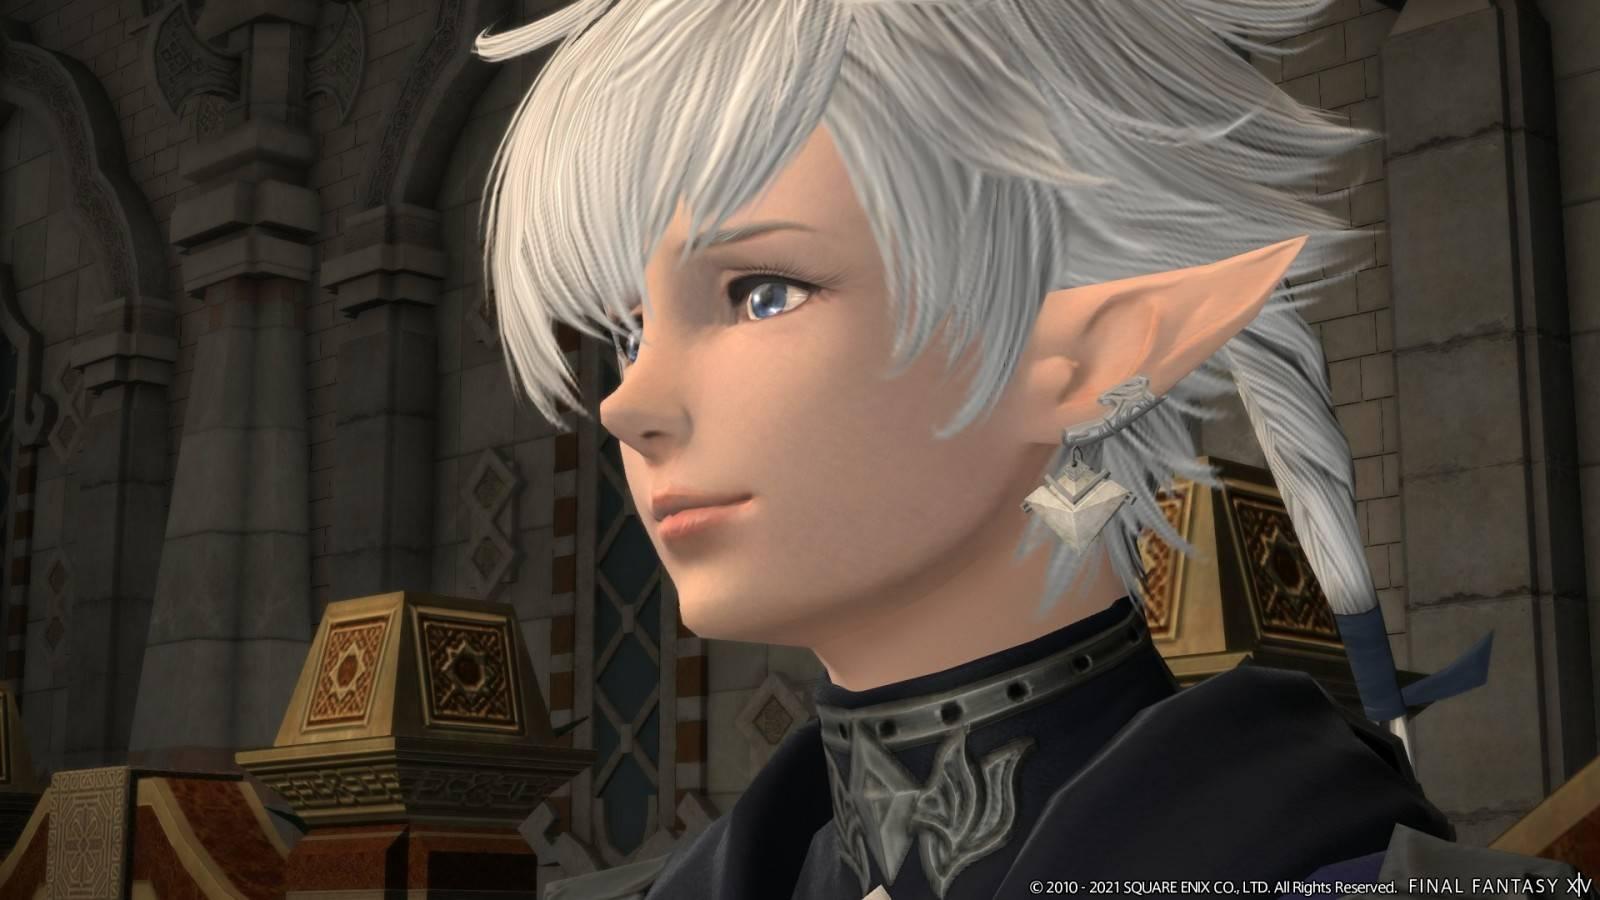 """Final Fantasy XIV Online recibe actualización 5.55 preparando el terreno para """"Endwalker"""" 1"""